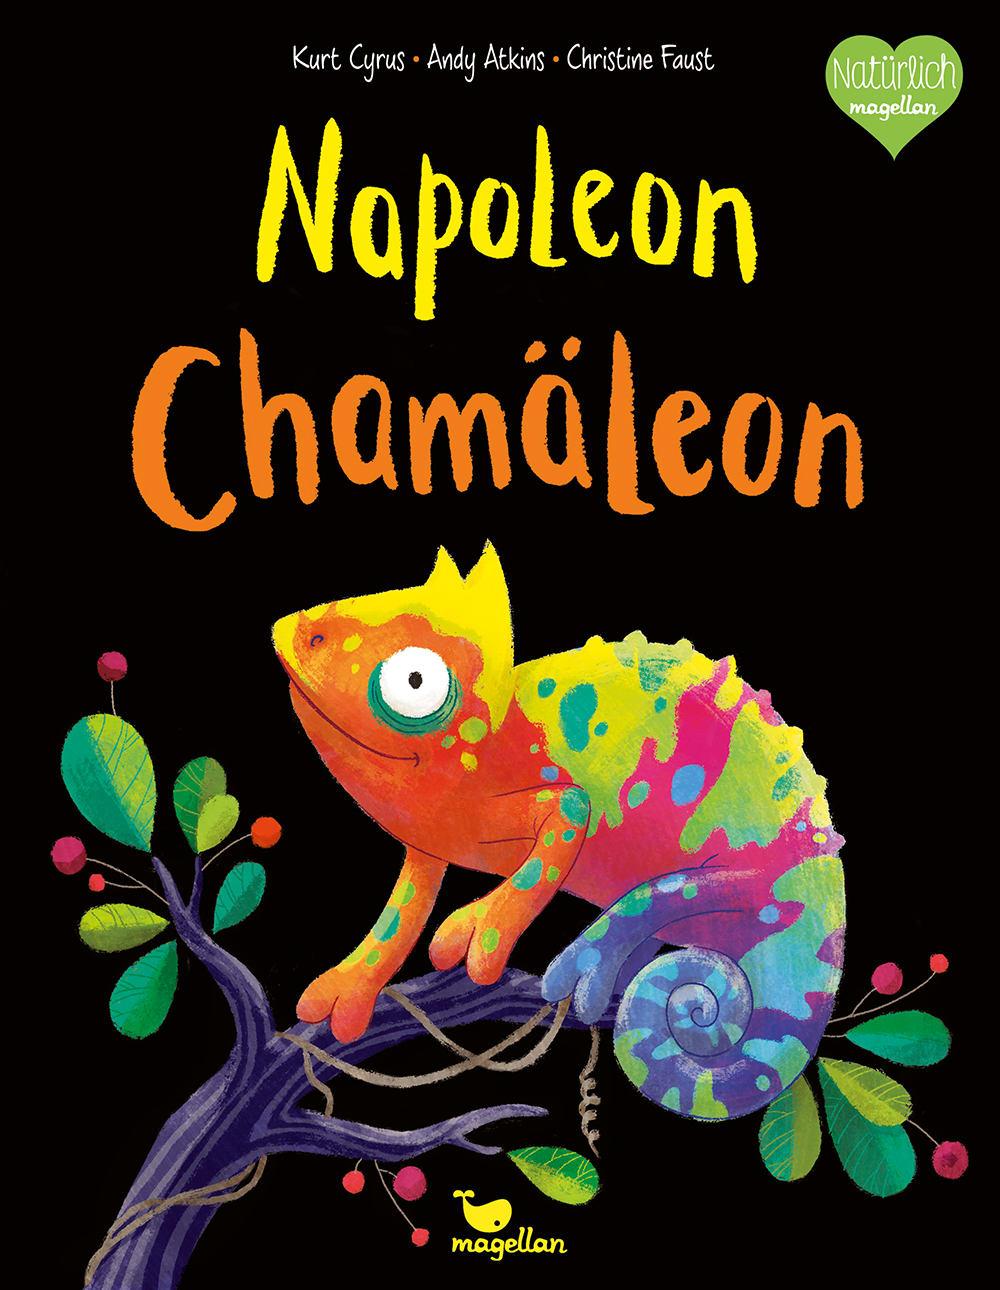 Cover Napoleon Chamäleon Bilderbuch von Kurt Cyrus, Andy Atkins und Christine Faust